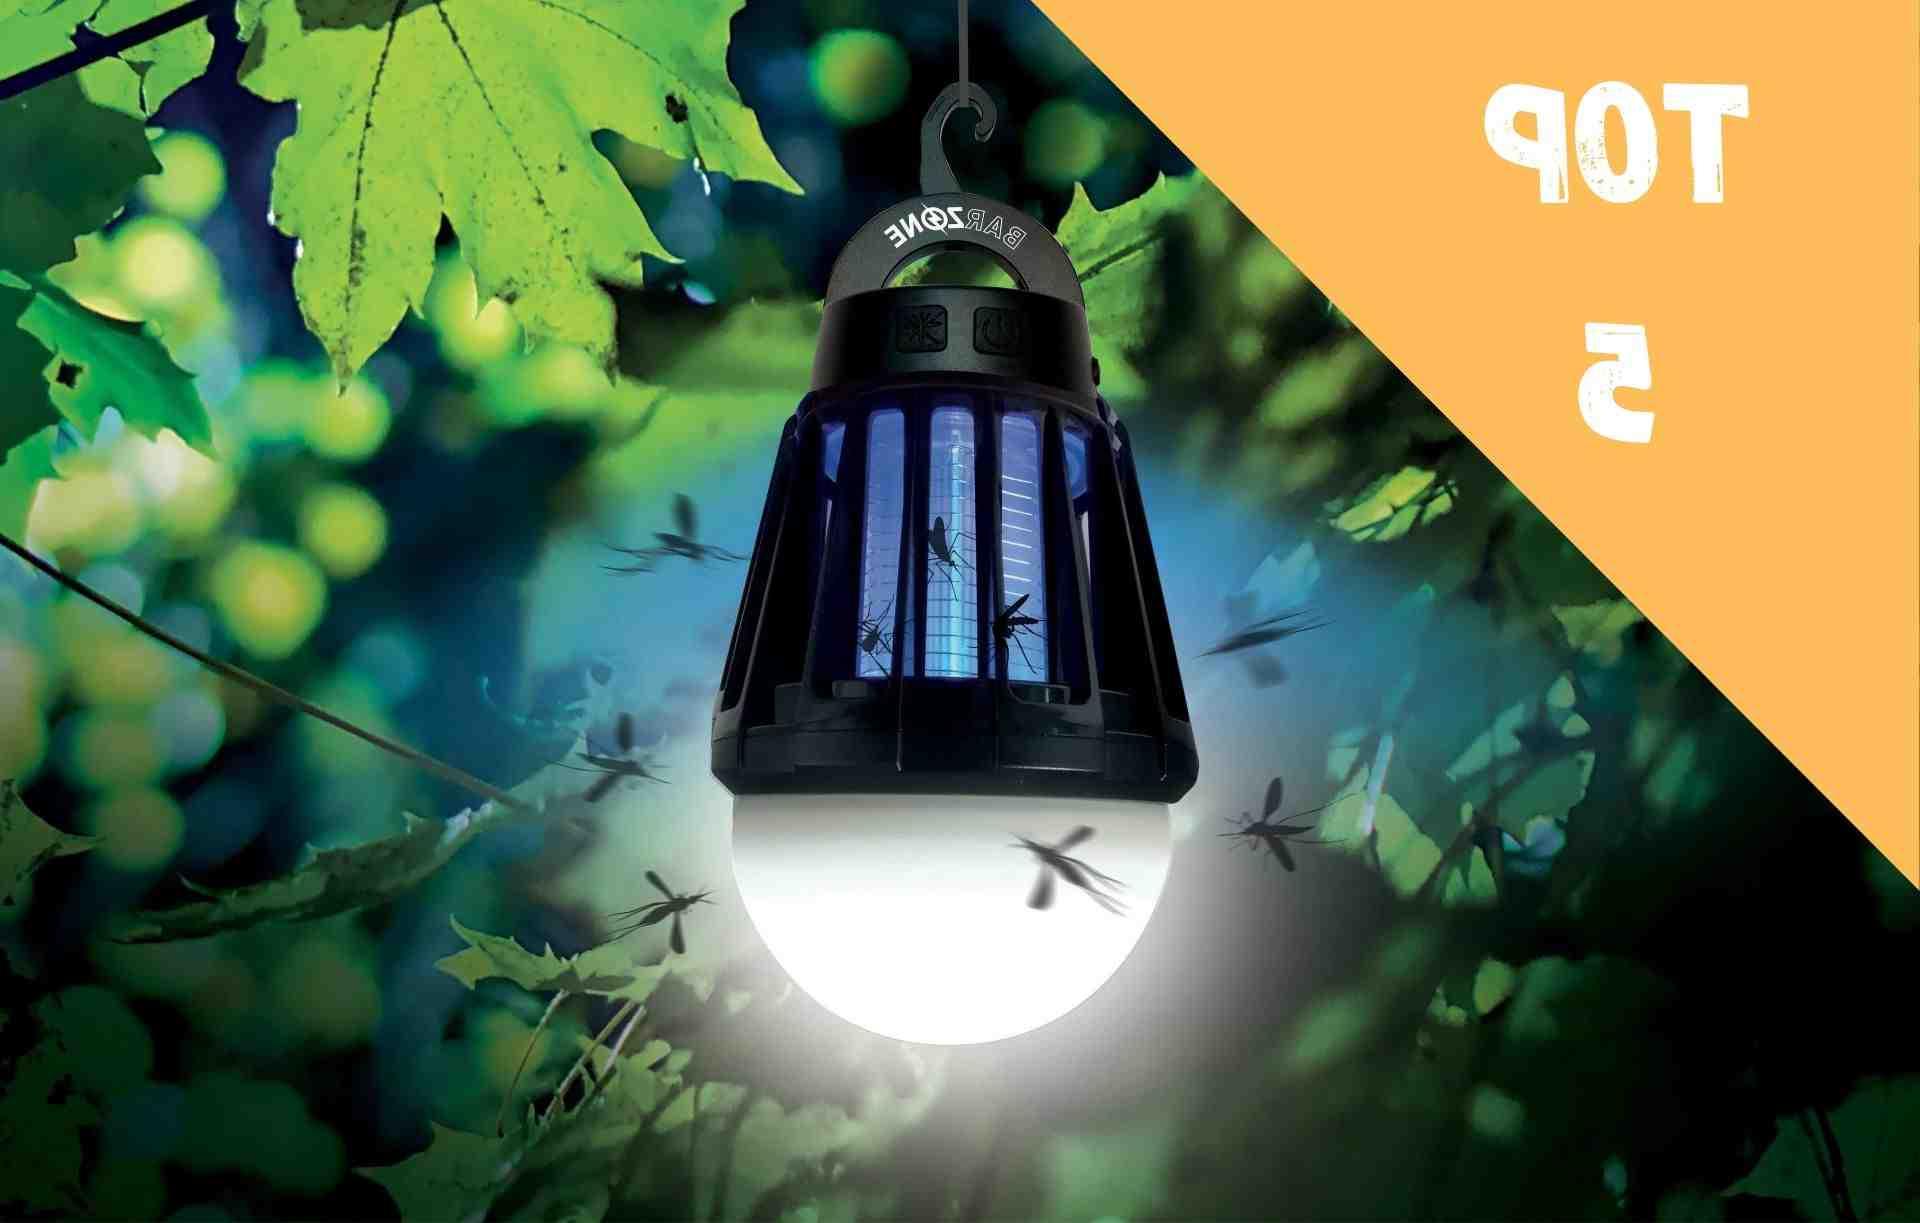 Quelle efficacité lampe Anti-moustique ?